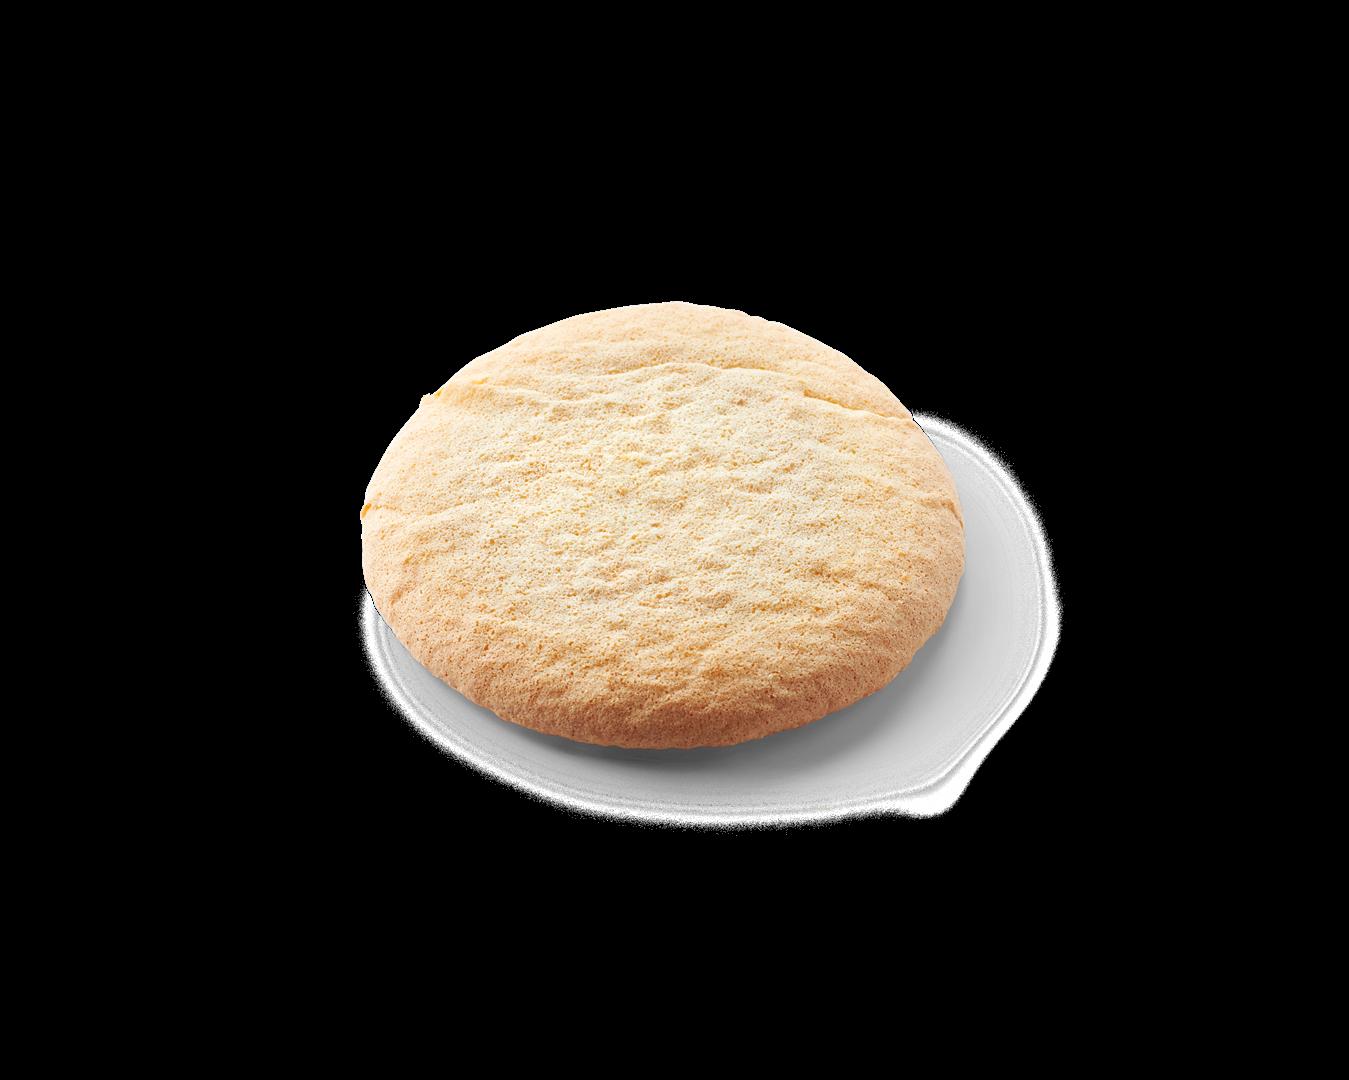 Productafbeelding Brosse eierkoeken, 5 stuks, 100 gram